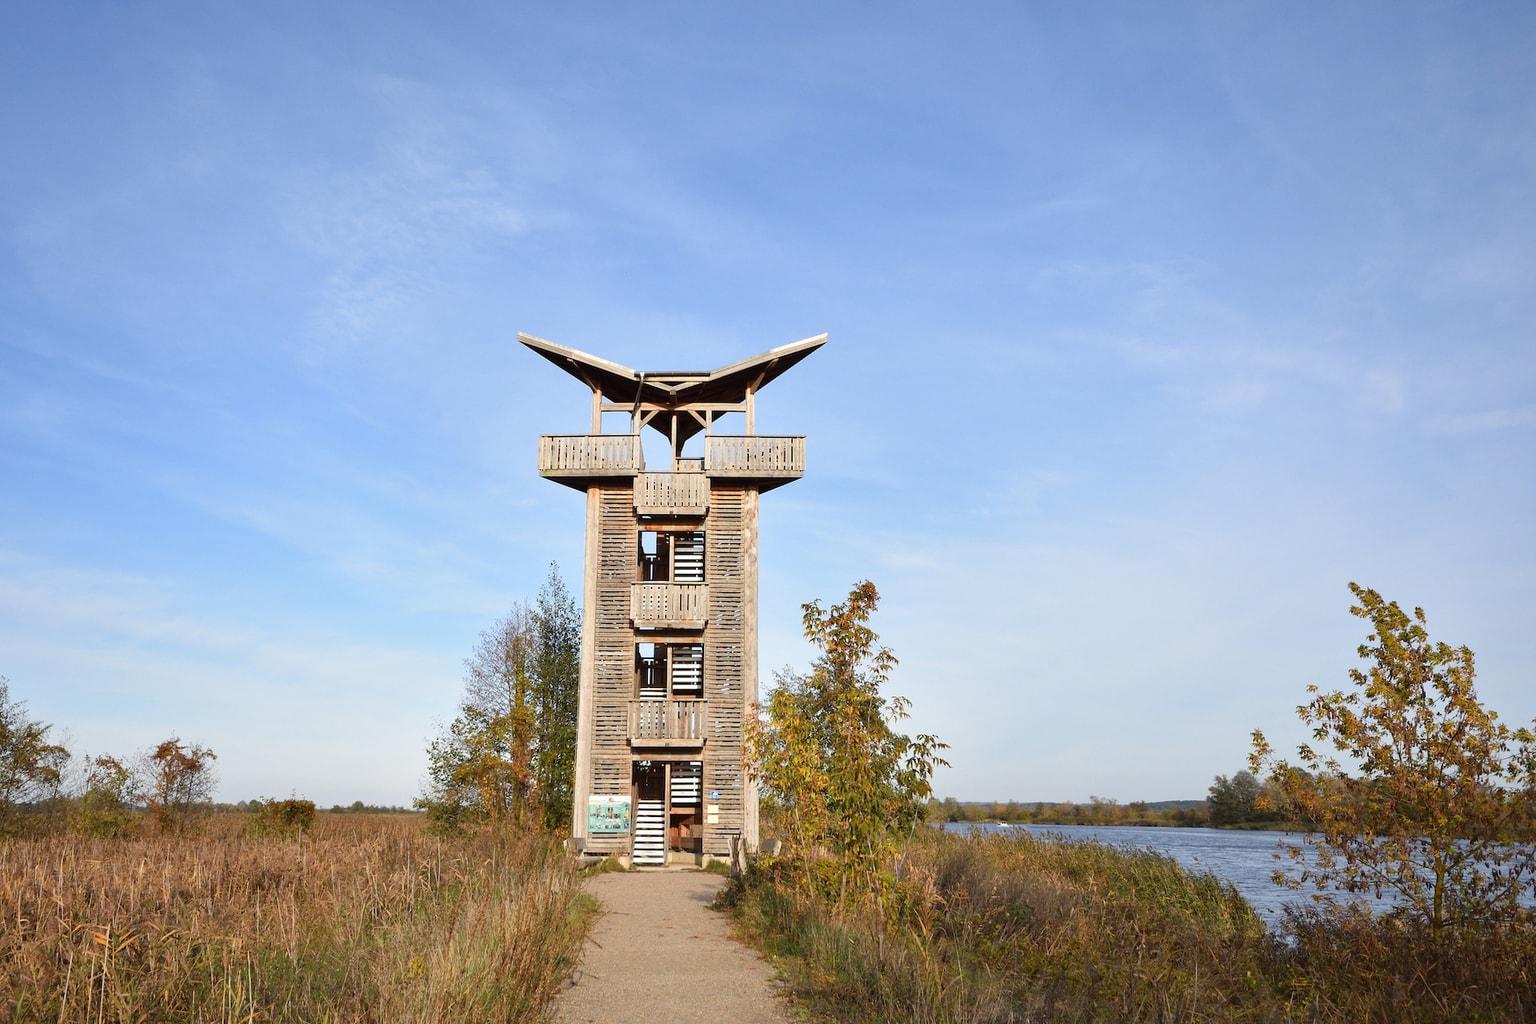 Uitzichtoren in nationaal park Untere Oder an de Poolse grens in Duitsland